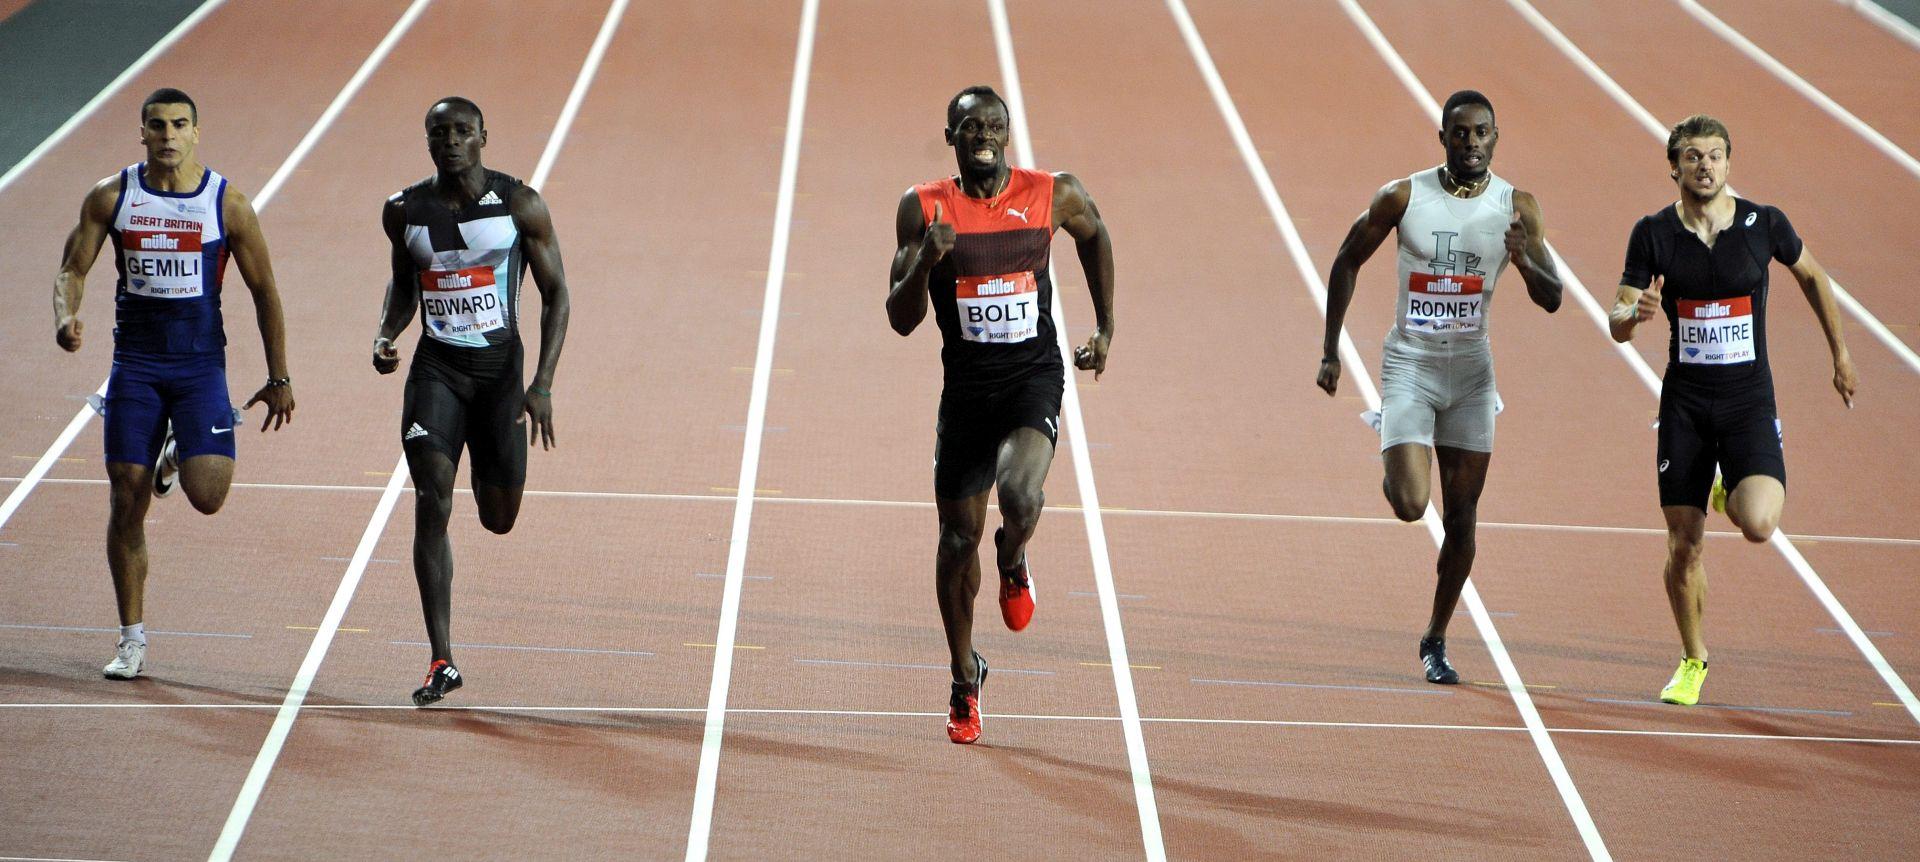 DIJAMANTNA LIGA LONDON Svjetski rekord Harrison, pobjeda Bolta